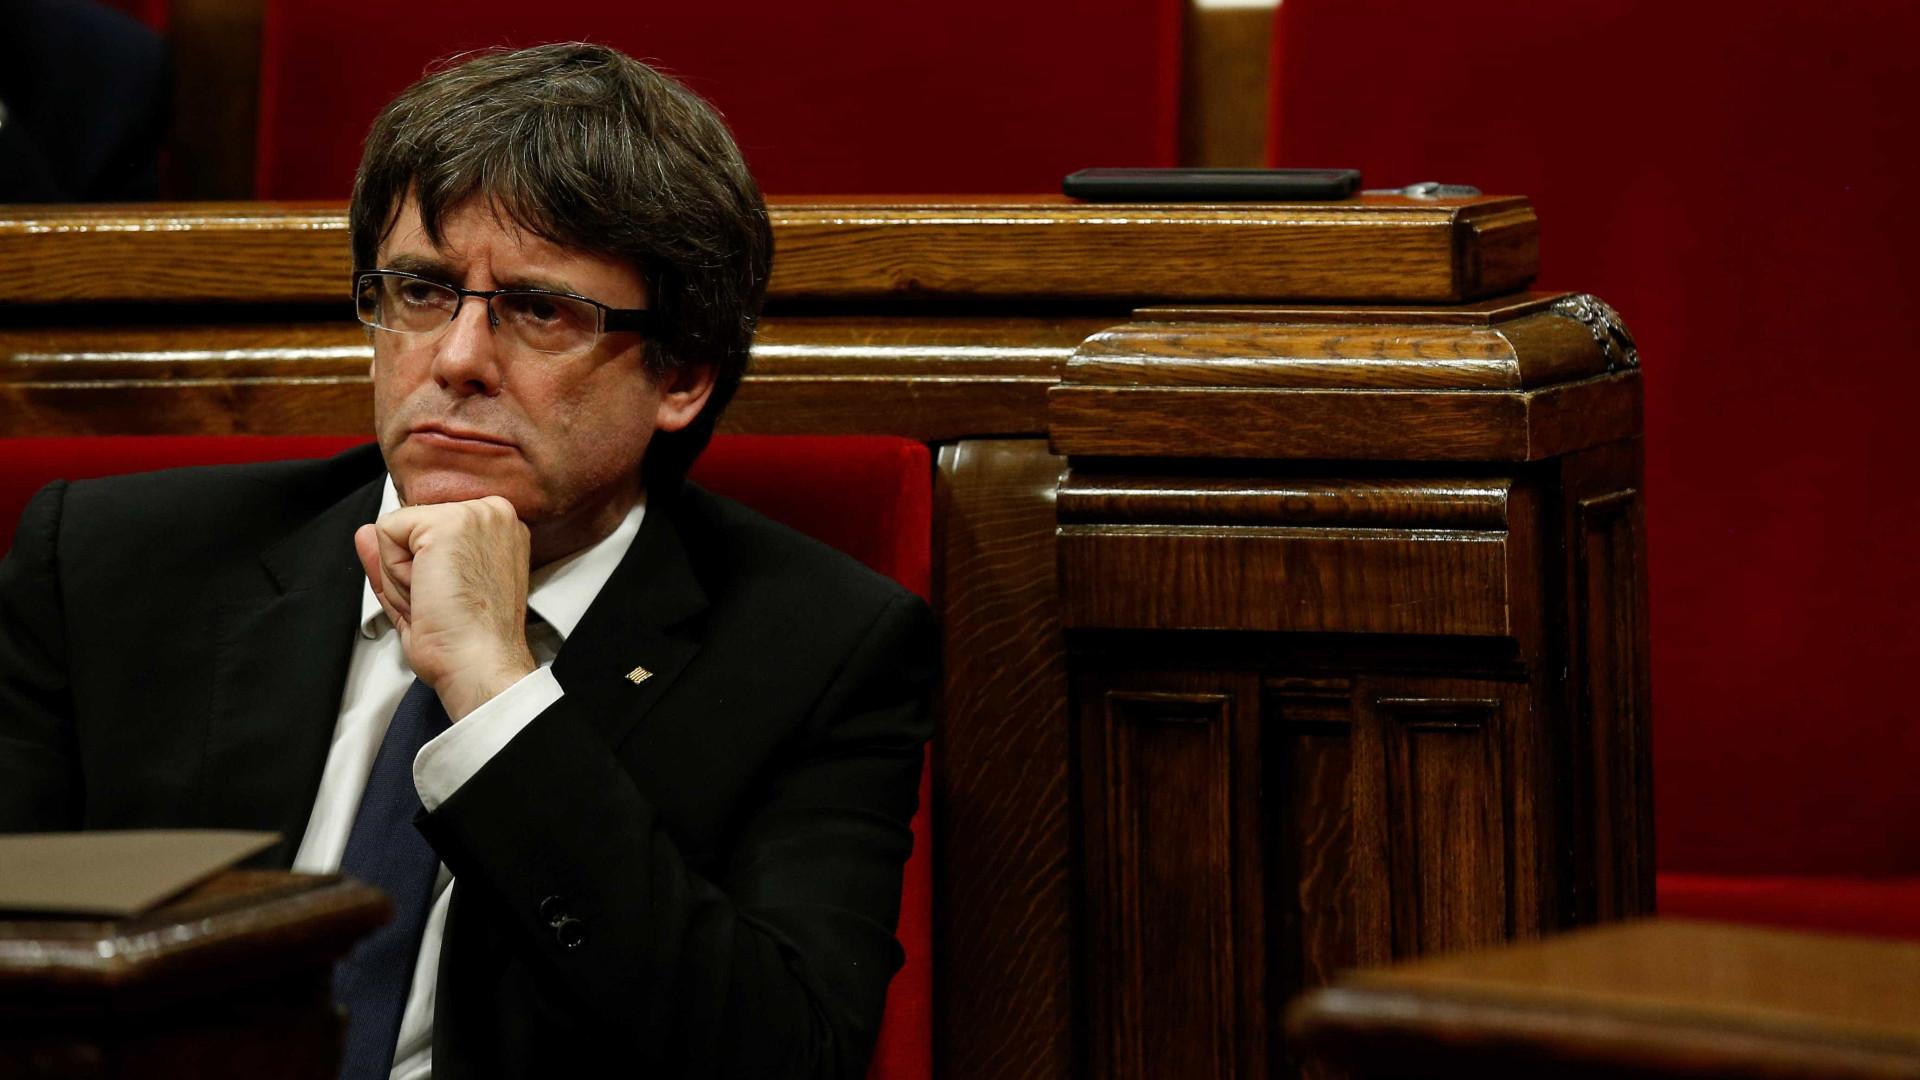 Catalunha: Se pudesse voltar atrás não teria suspendido independência